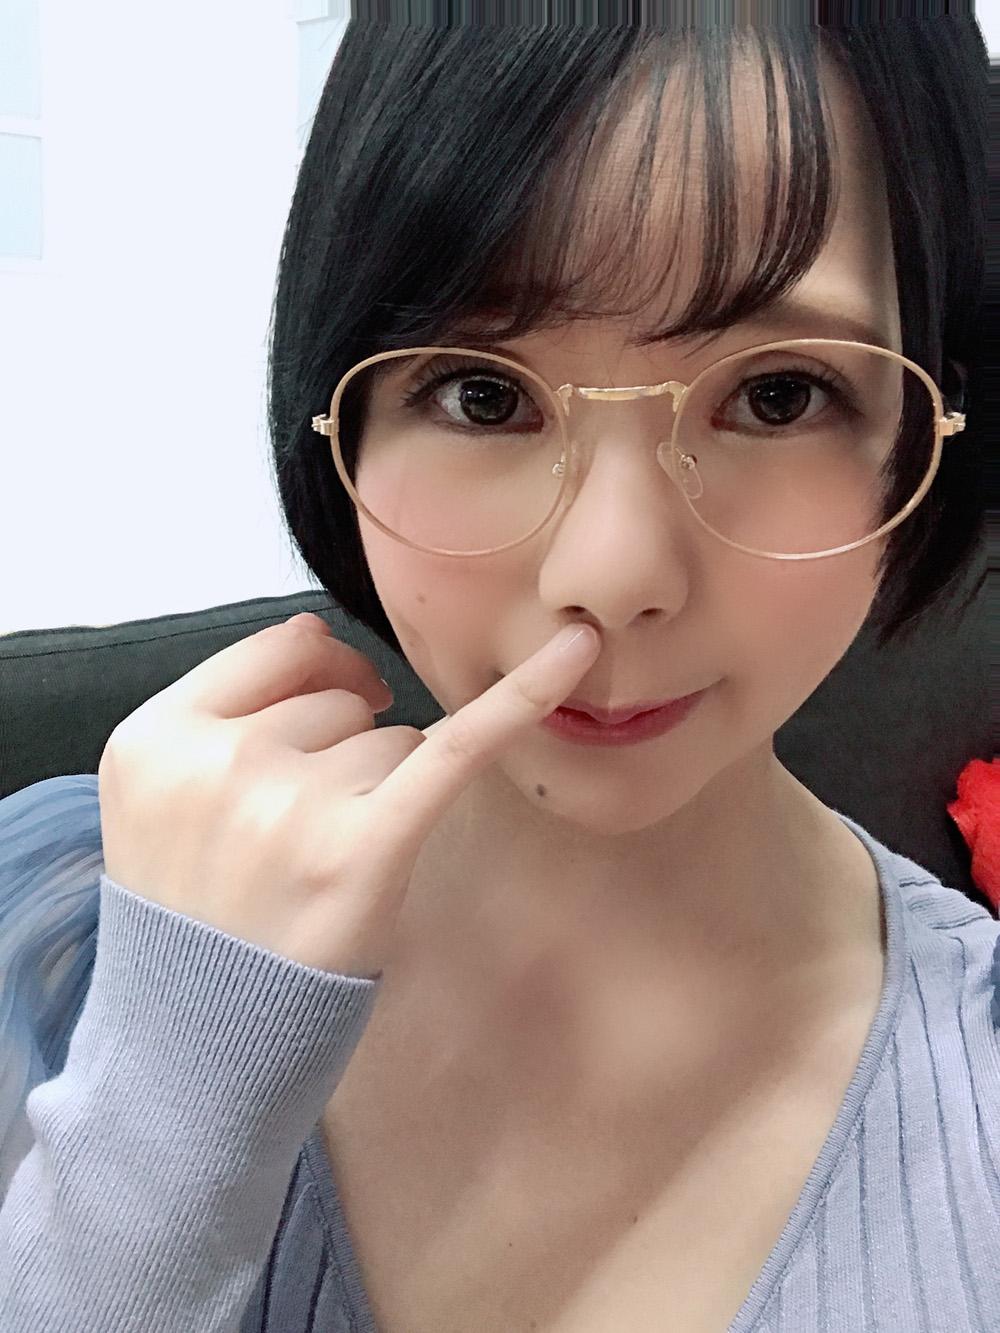 【初愛ねんねエロ画像】眼鏡は体の一部な童顔ボインちゃん・初愛ねんね!